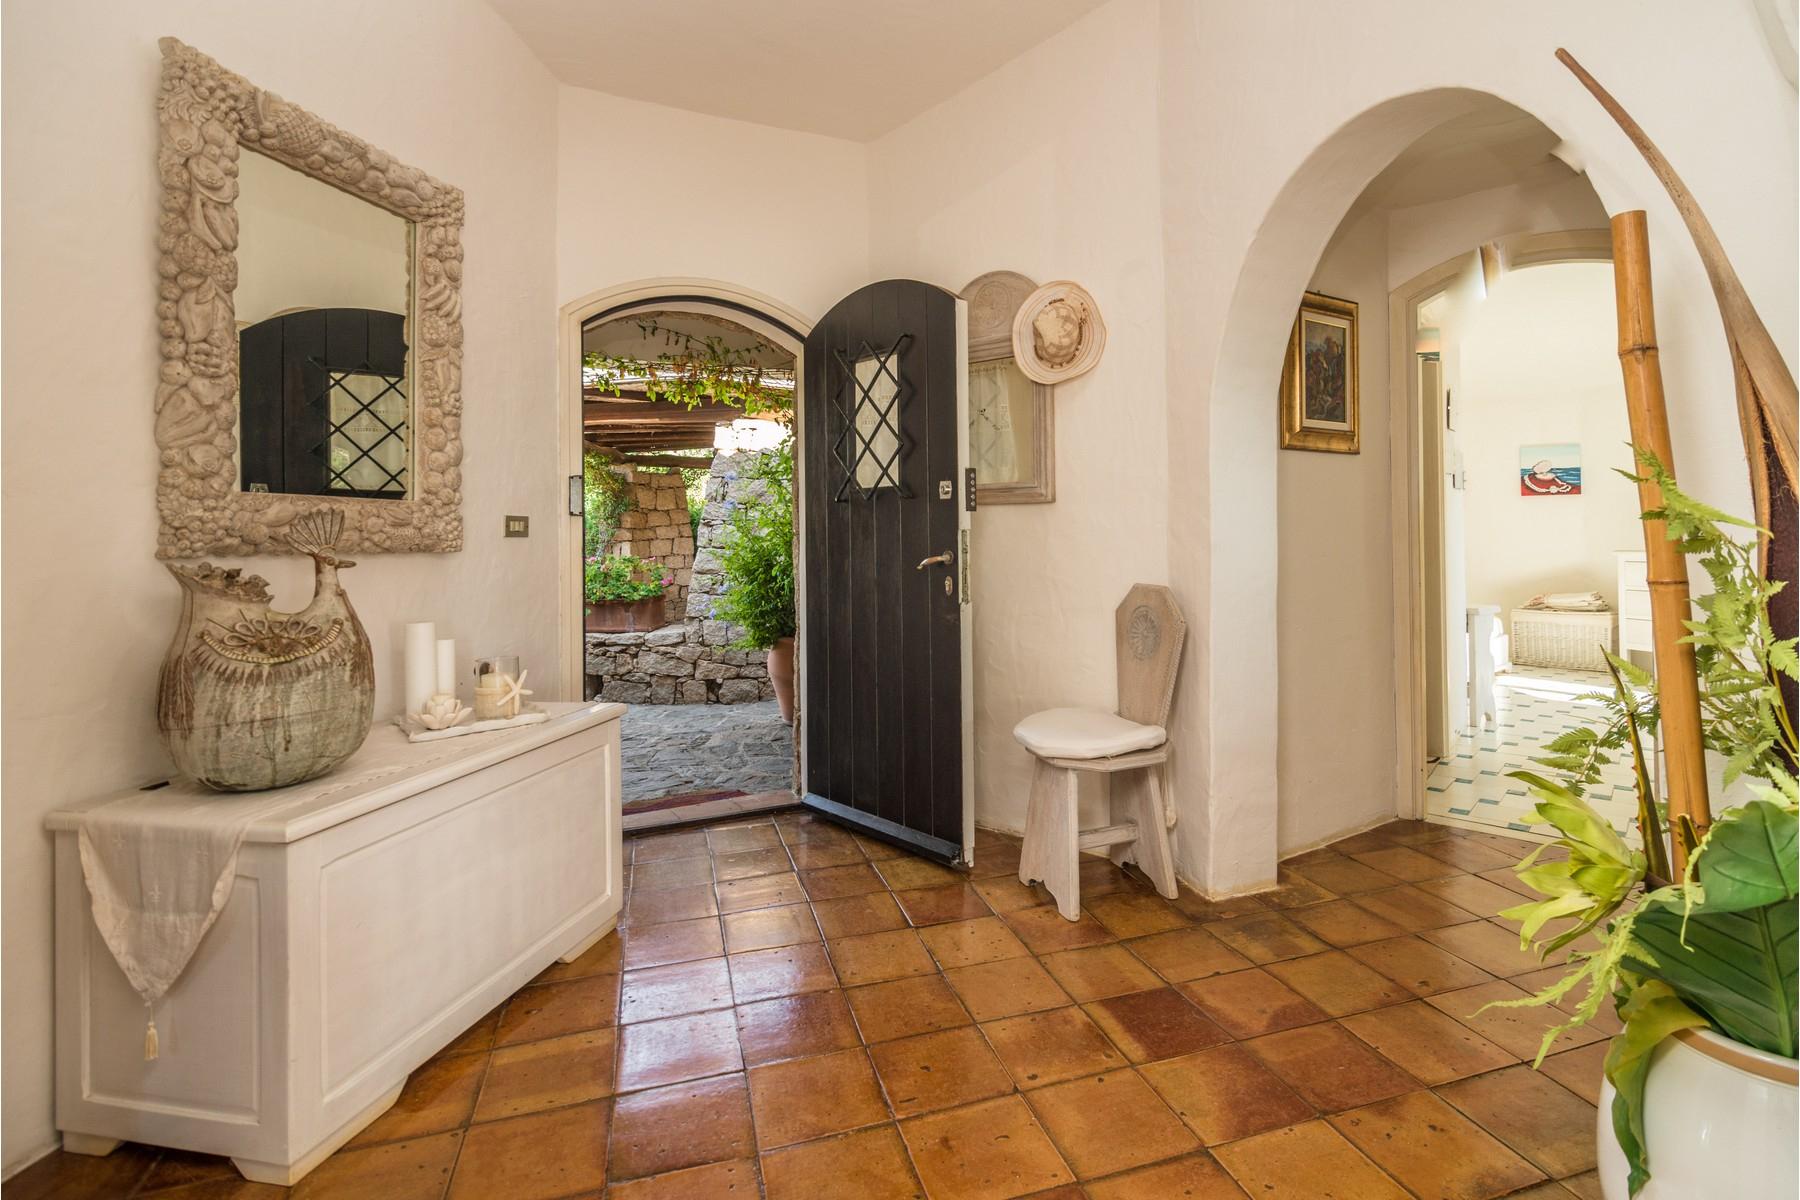 Villa in Vendita a Arzachena: 5 locali, 173 mq - Foto 11